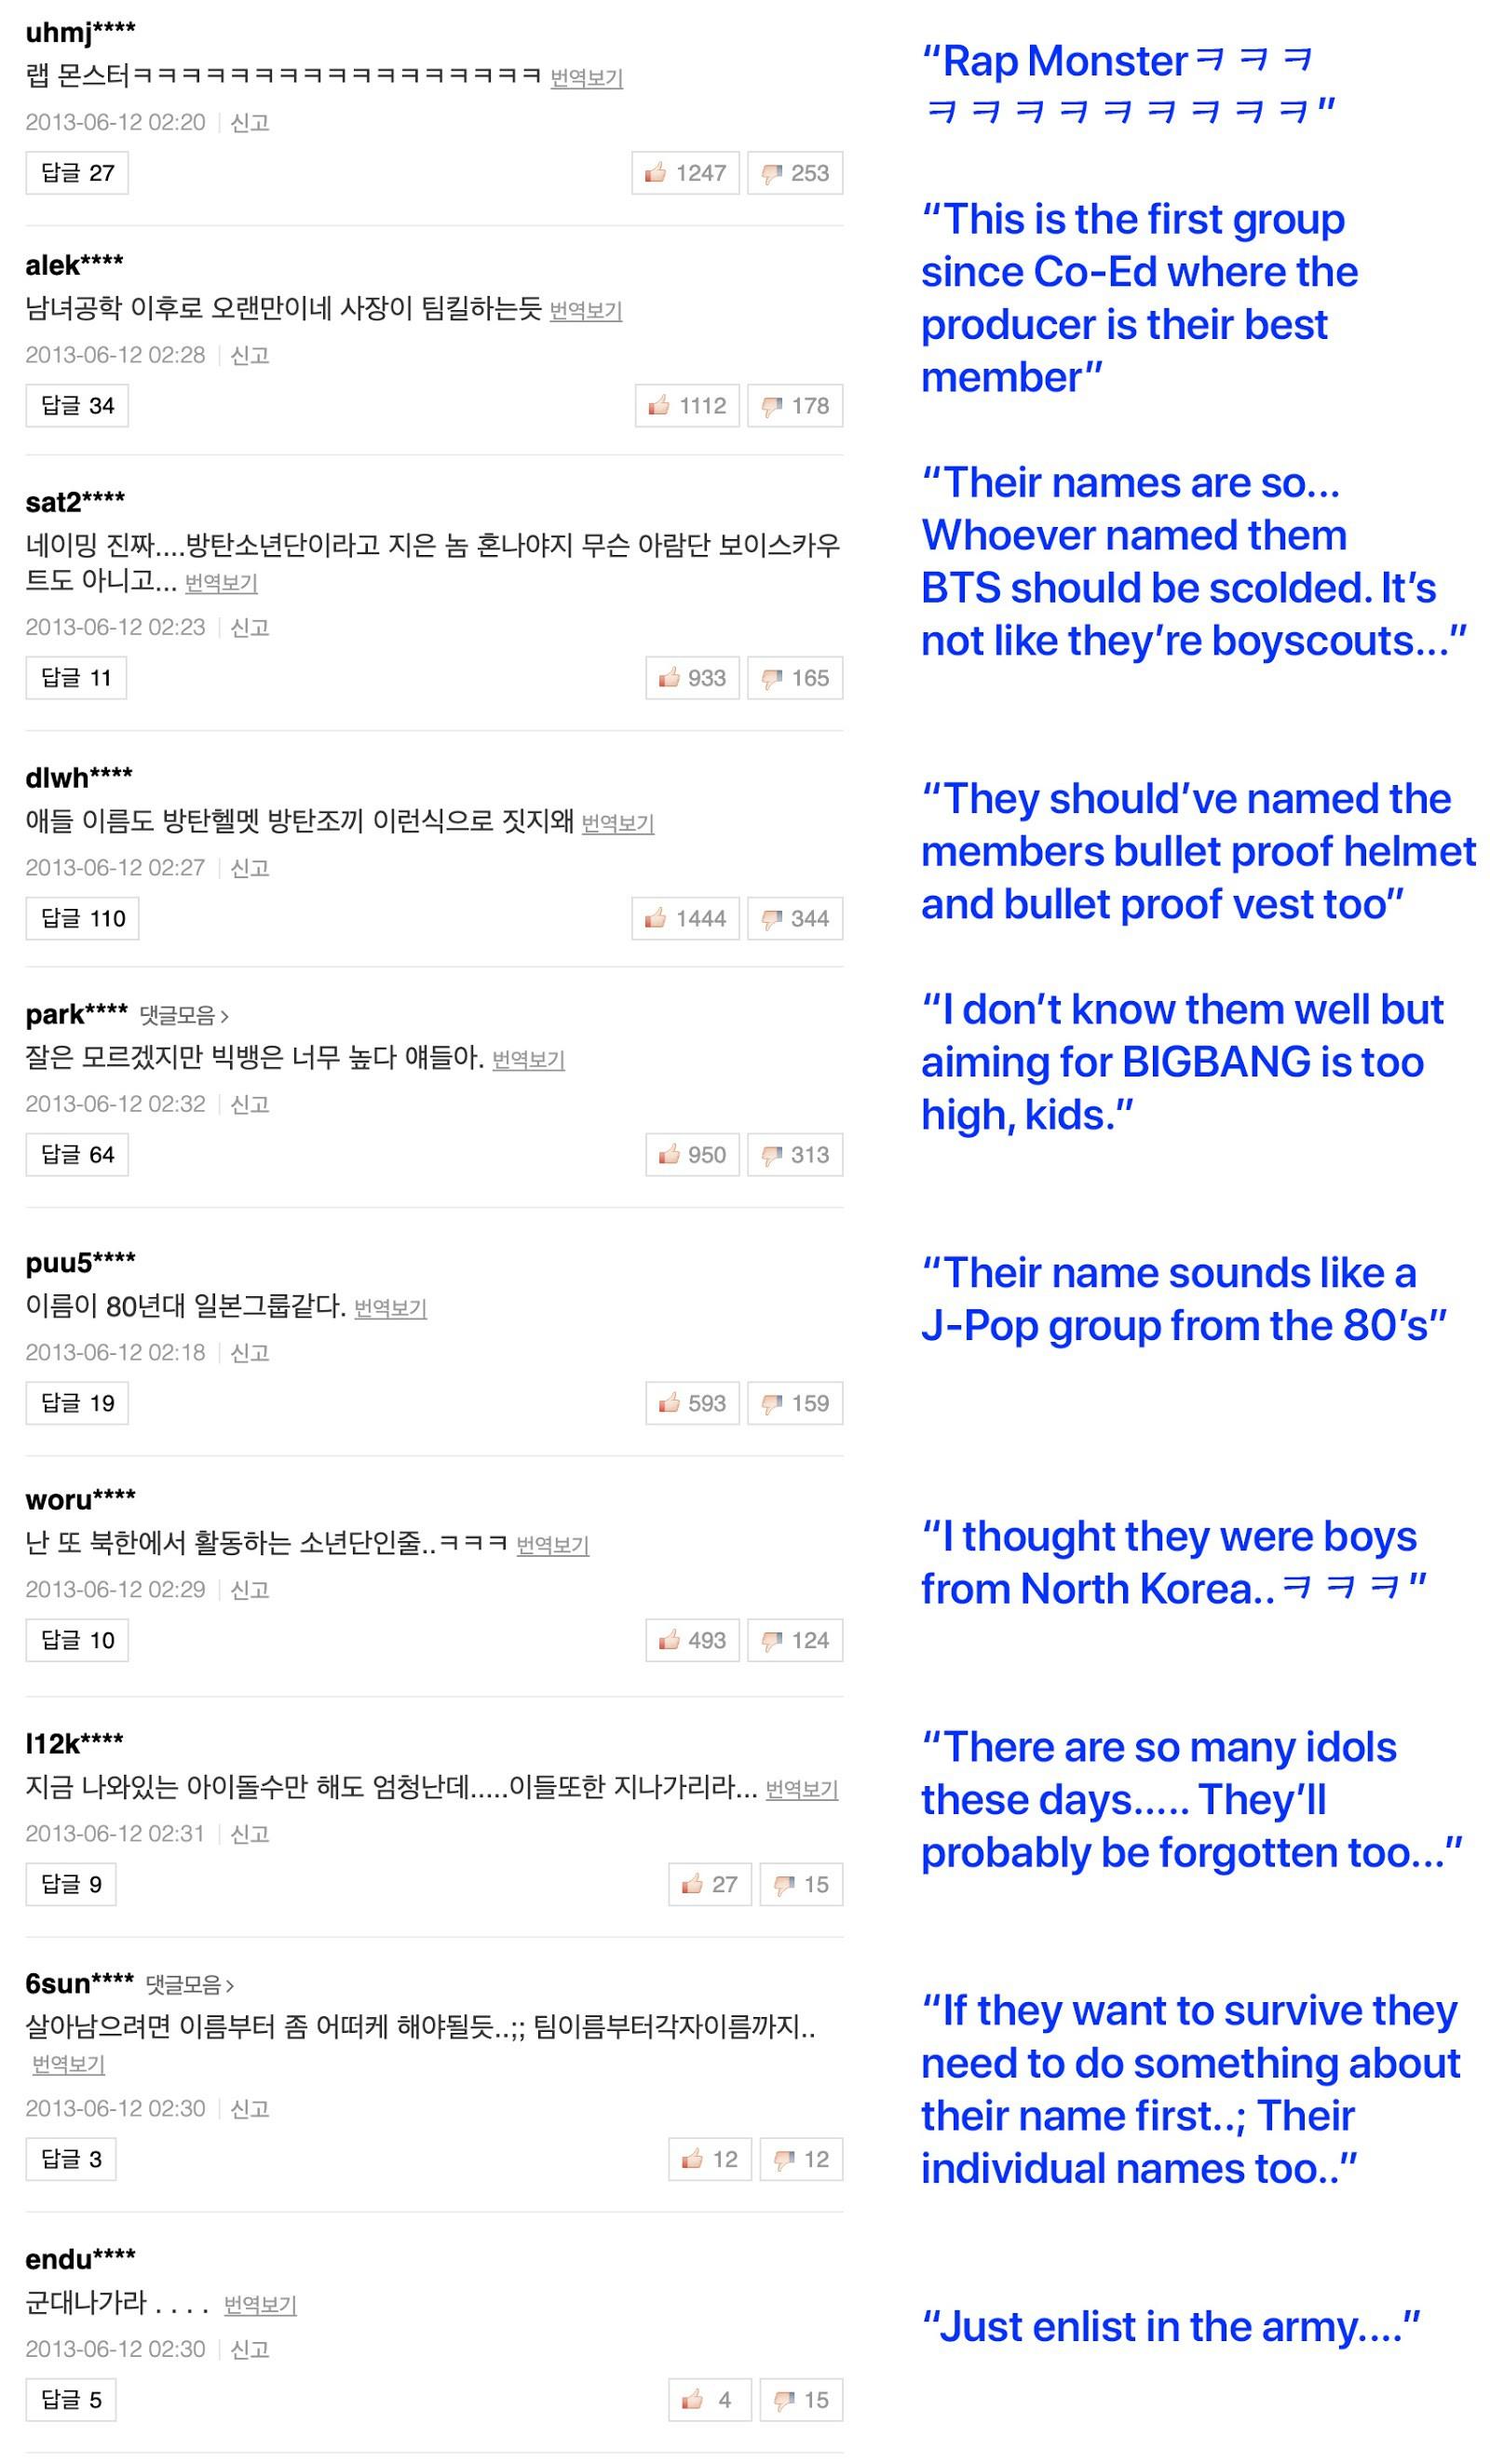 Rùng mình câu nói 6 năm trước của BTS sau chuỗi thành tích kỷ lục thế giới: Lời tiên đoán là có thật! - Ảnh 2.